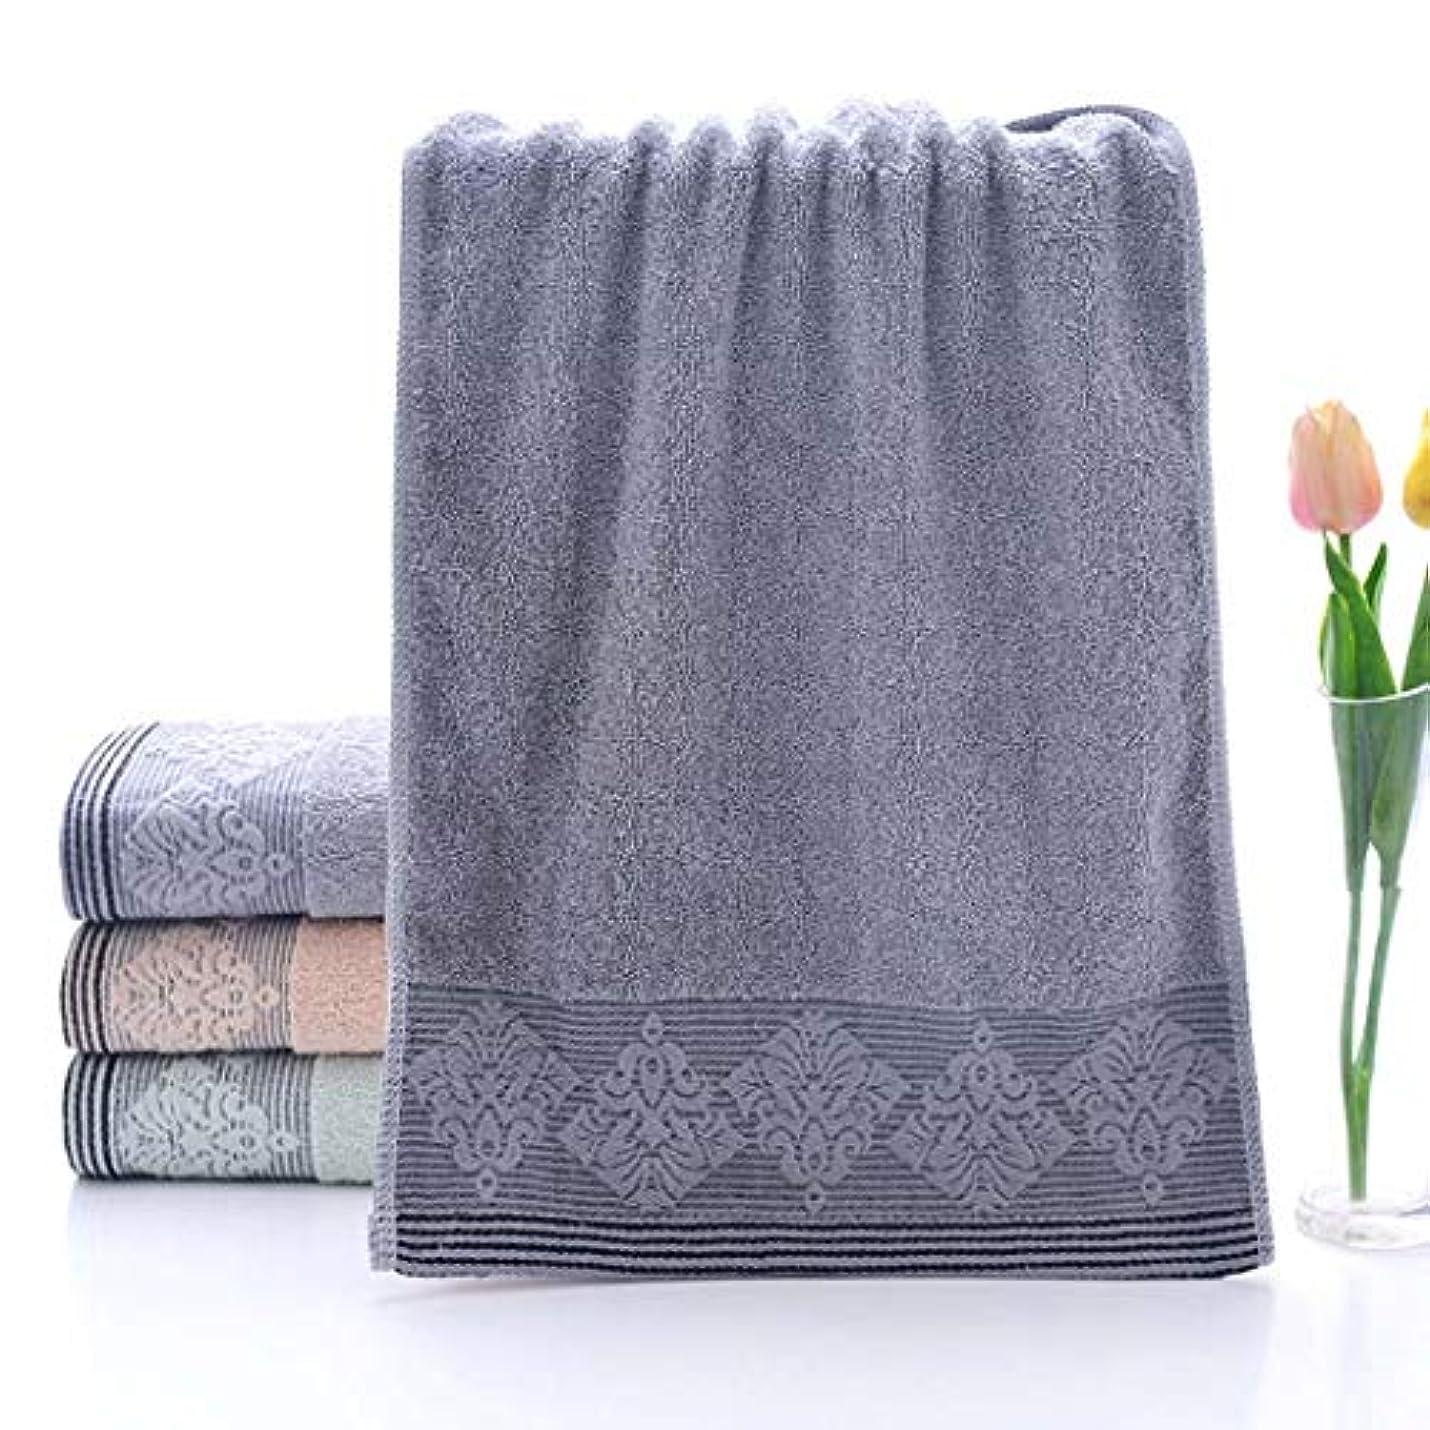 ペレットツイン薬用綿のタオルの速い乾燥したタオルのスポーツタオルの容易な心配,Gray,33*73cm